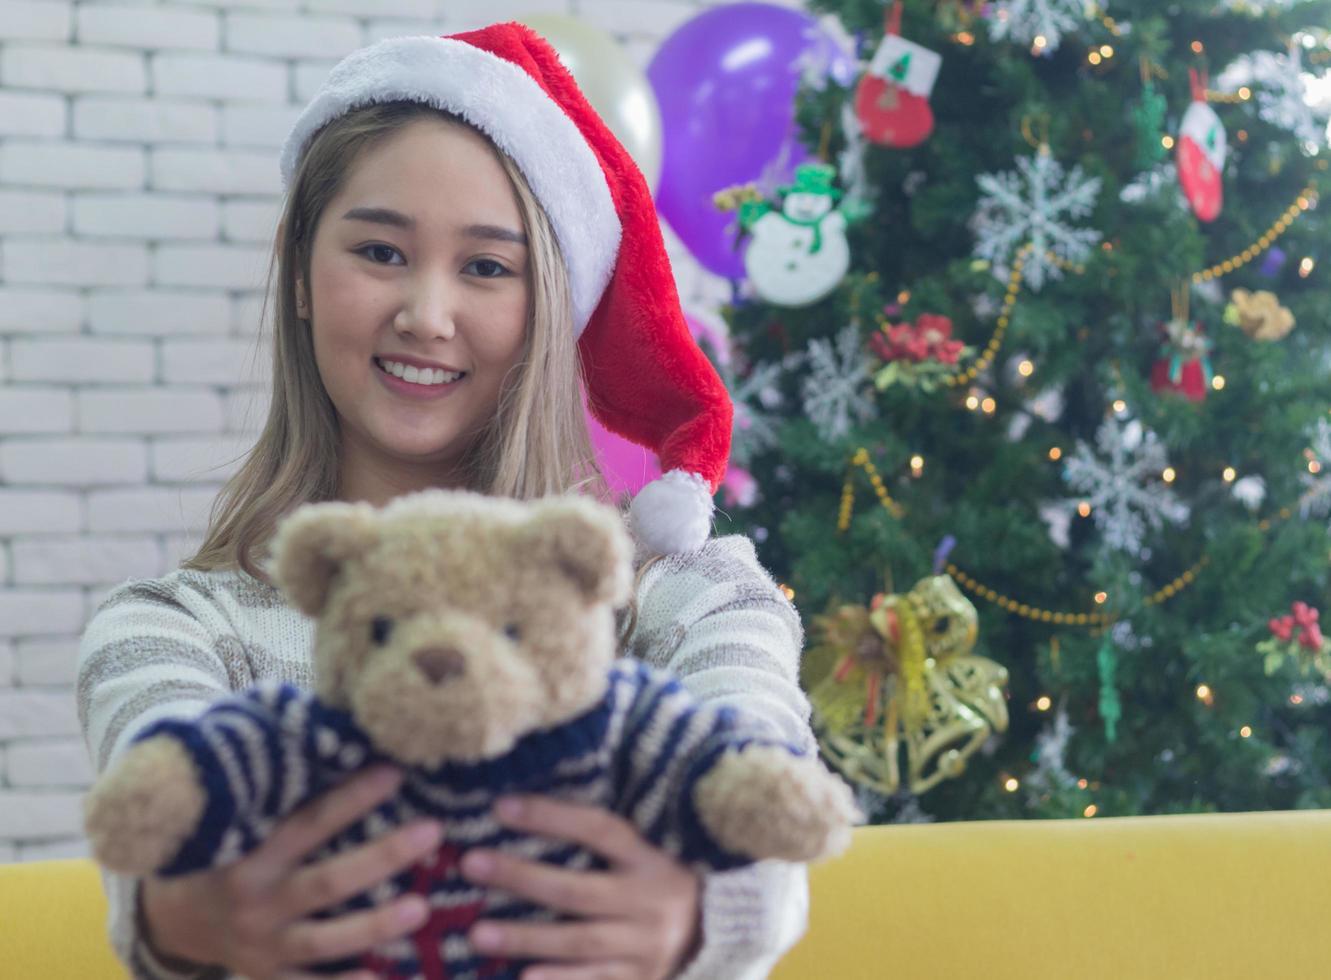 femme tenant un ours en peluche portant un bonnet de noel photo